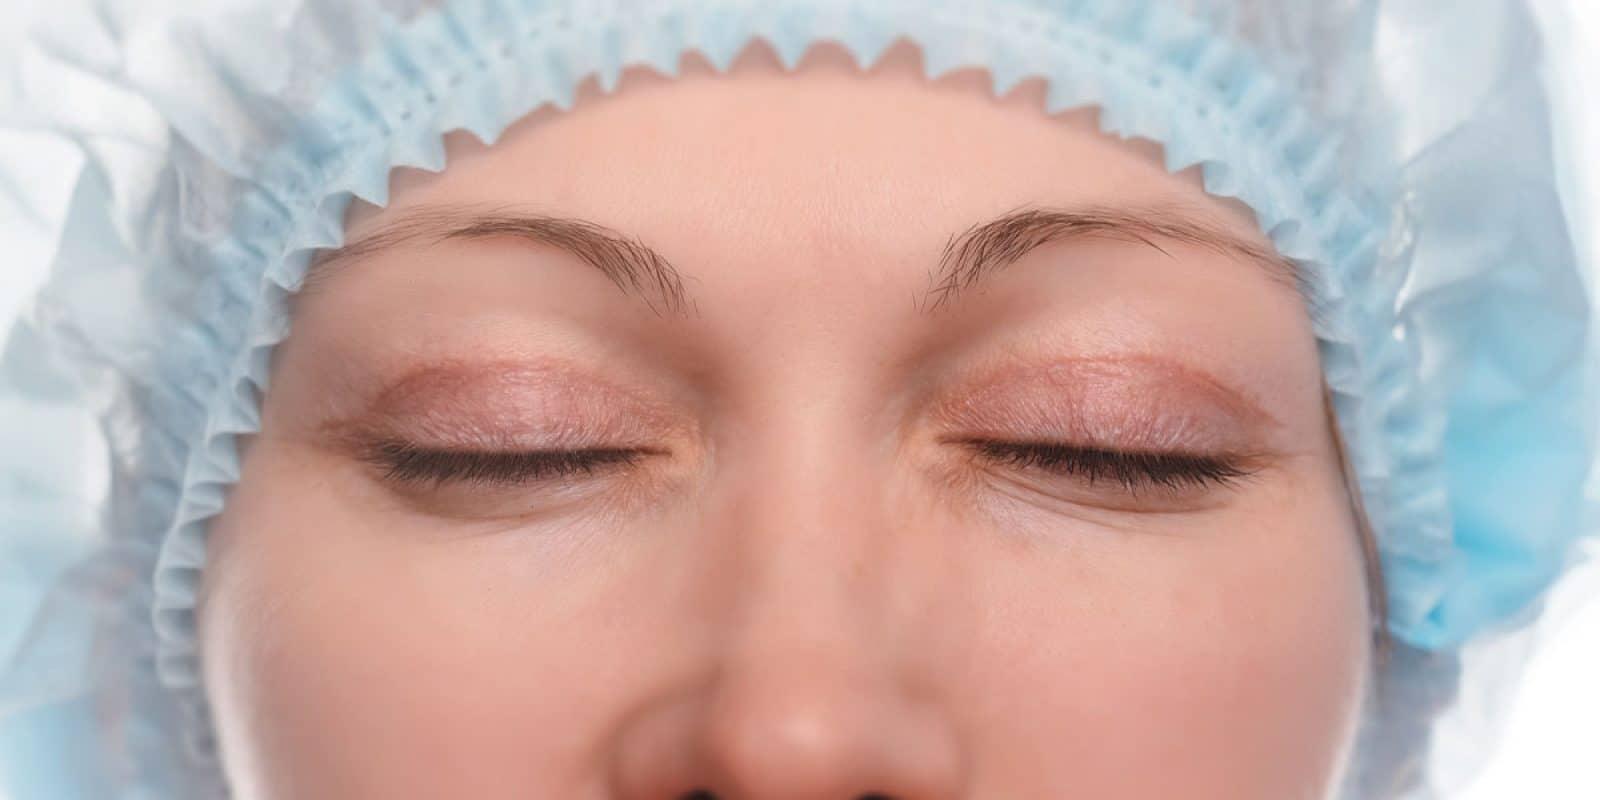 La blépharoplastie (ou chirurgie des paupières)